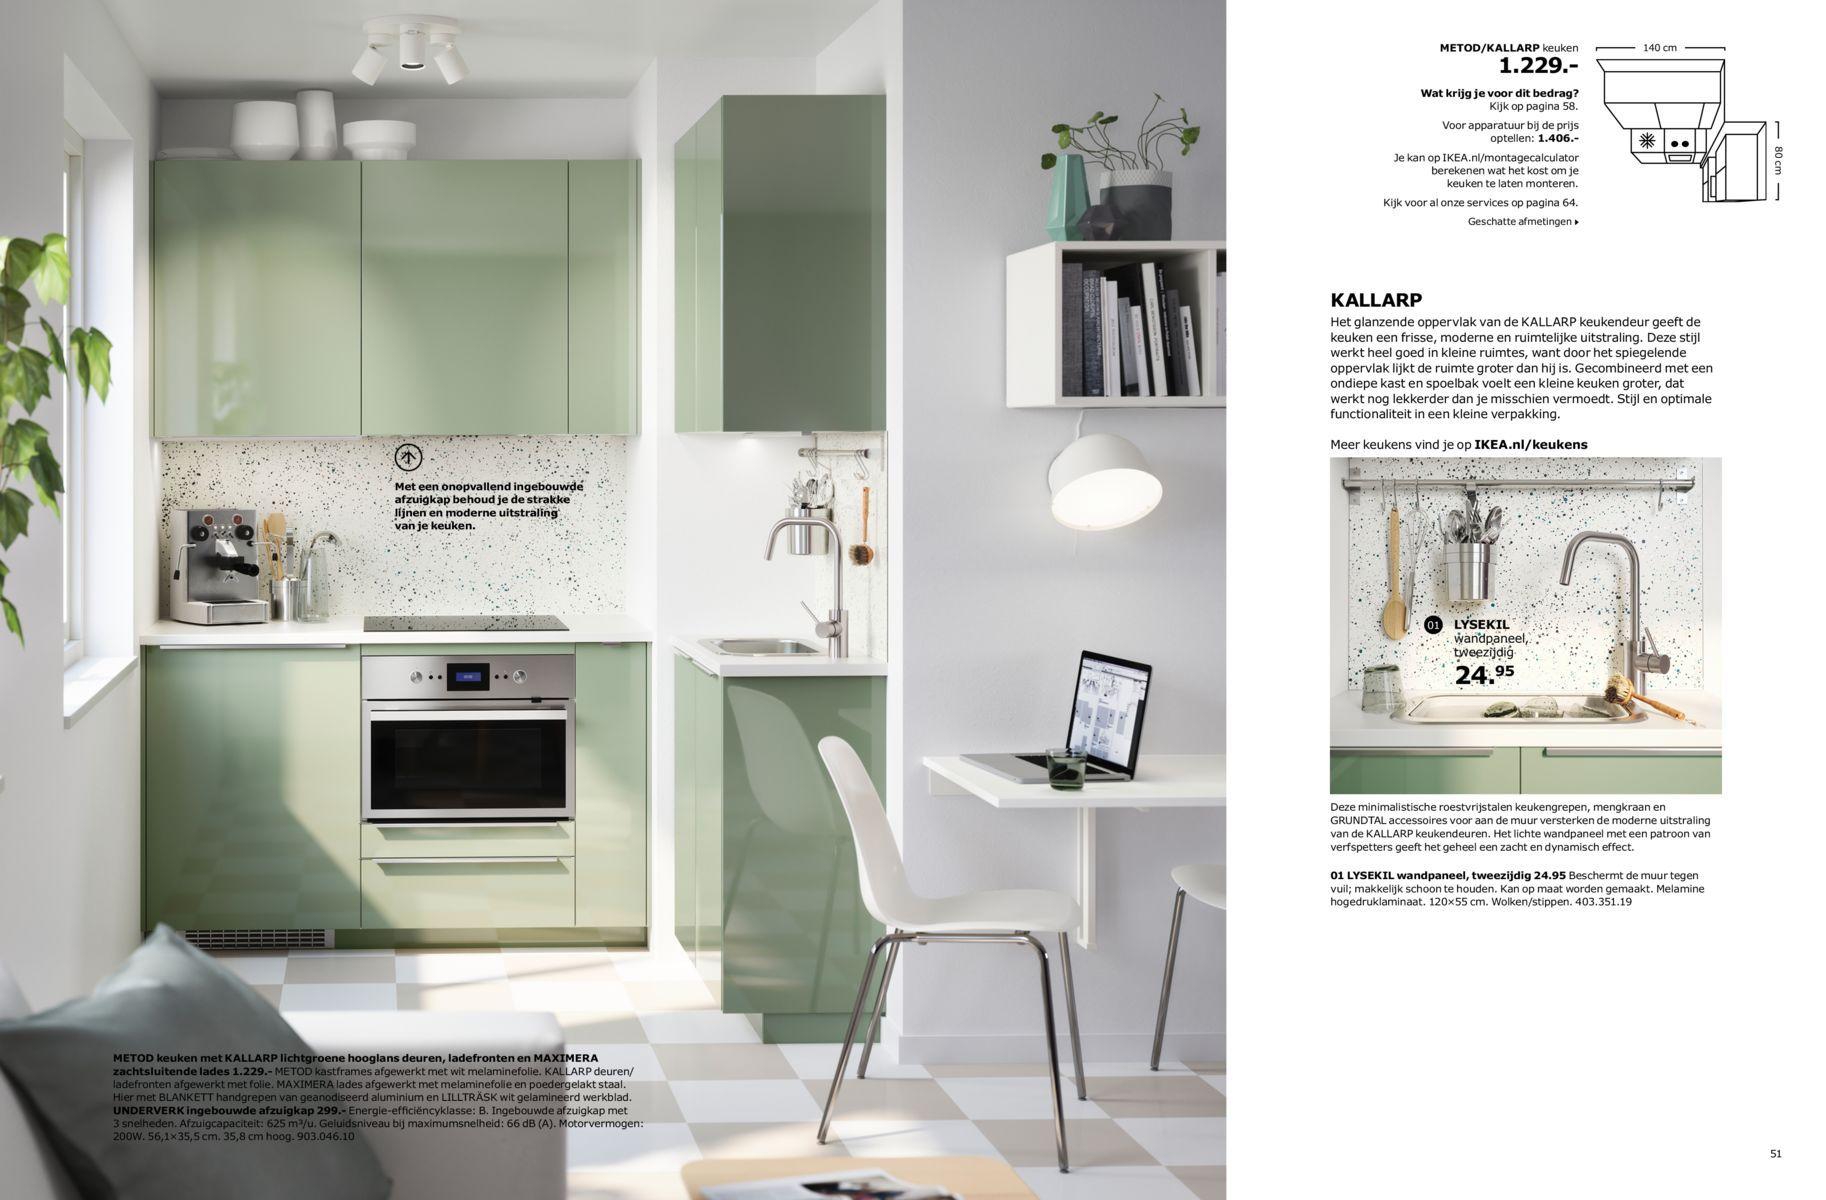 Ikea Keukenblad Afmetingen Information And Ideas Herz Intakt